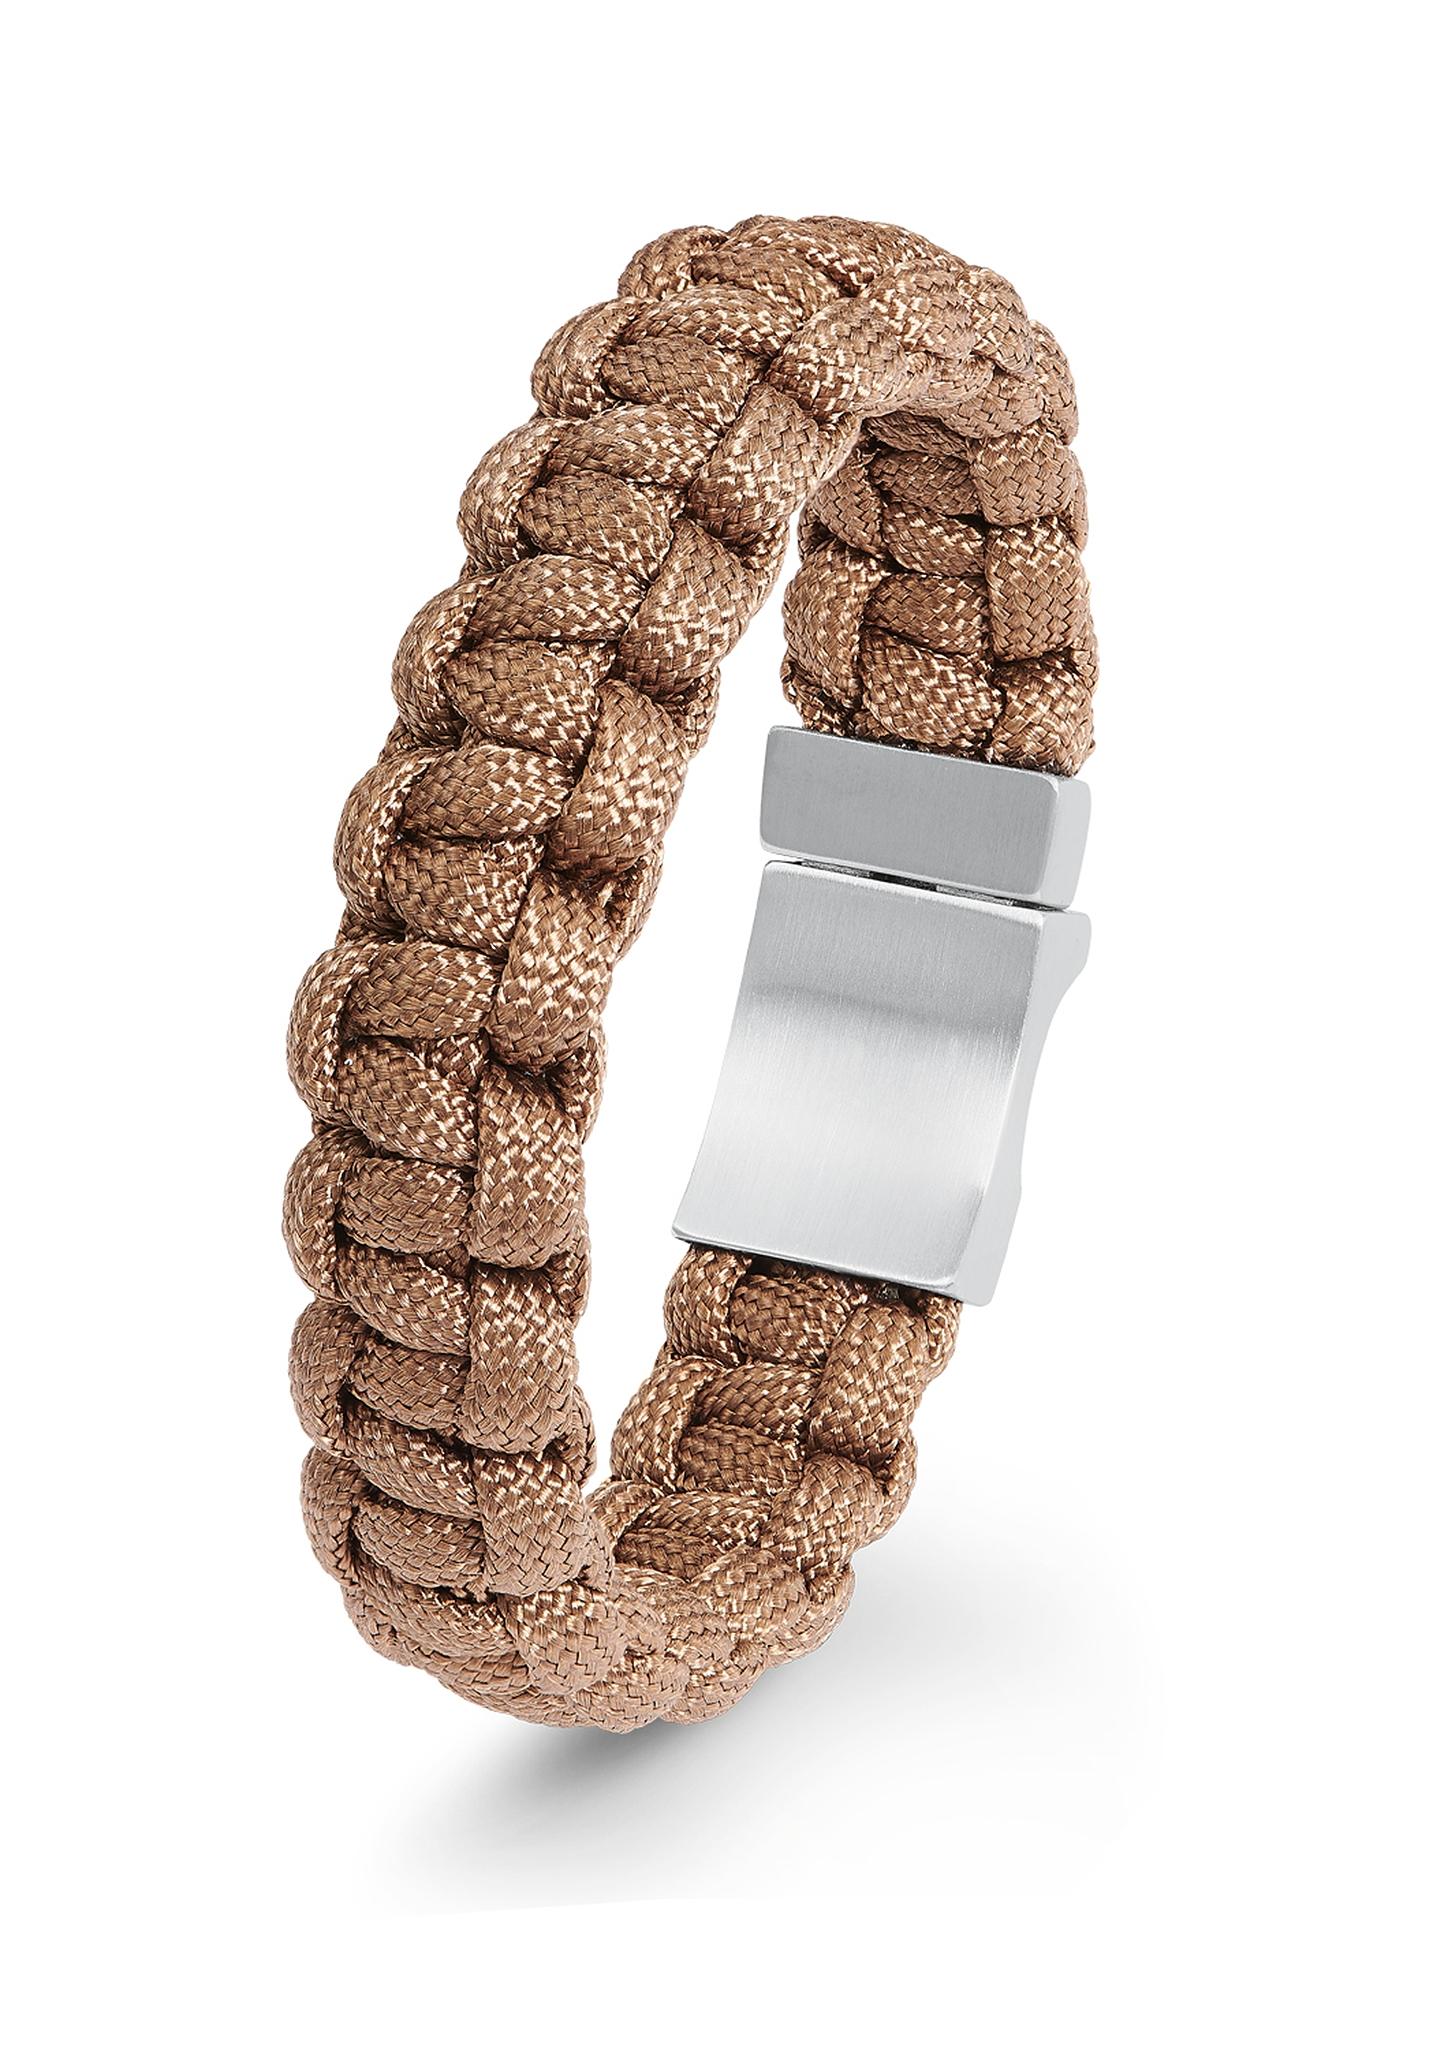 Armband | Schmuck > Armbänder > Sonstige Armbänder | Braun | Edelstahl| nylon | s.Oliver